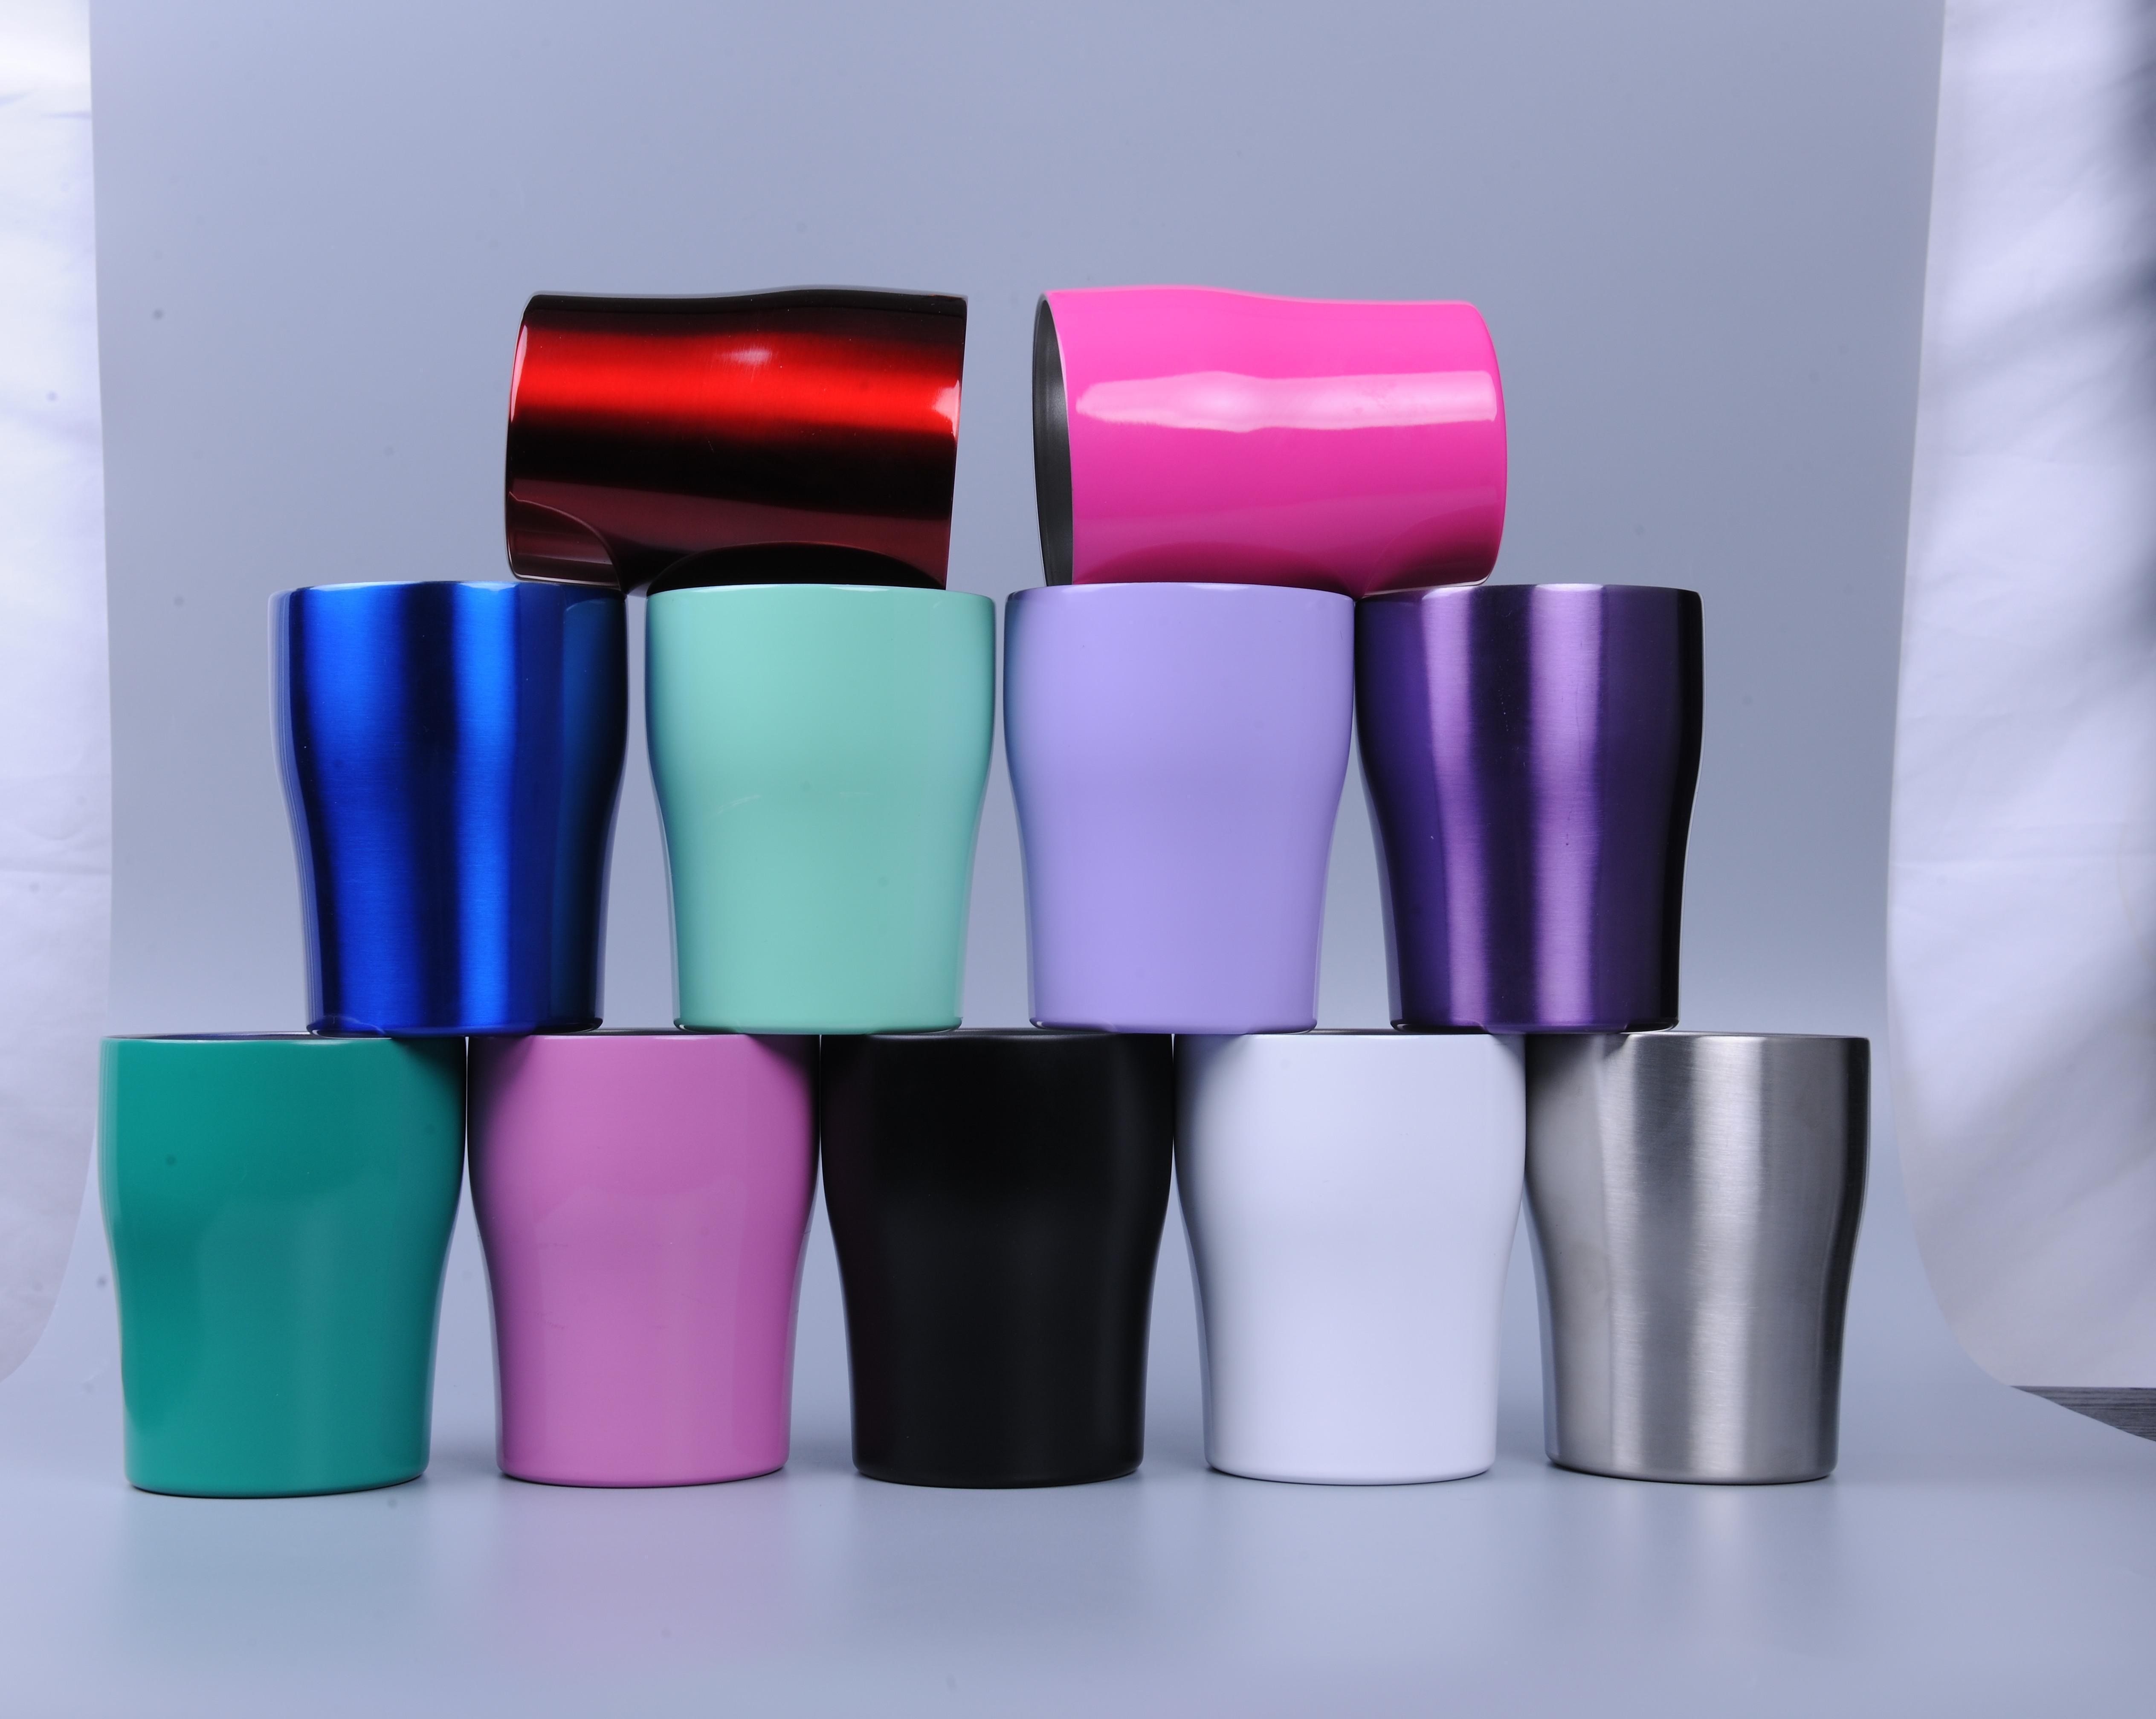 NUOVI 10 once bambini bicchieri 10oz acciaio inossidabile curvato Coppa con coperchio Mini coppa per tazza bambini hanno isolato